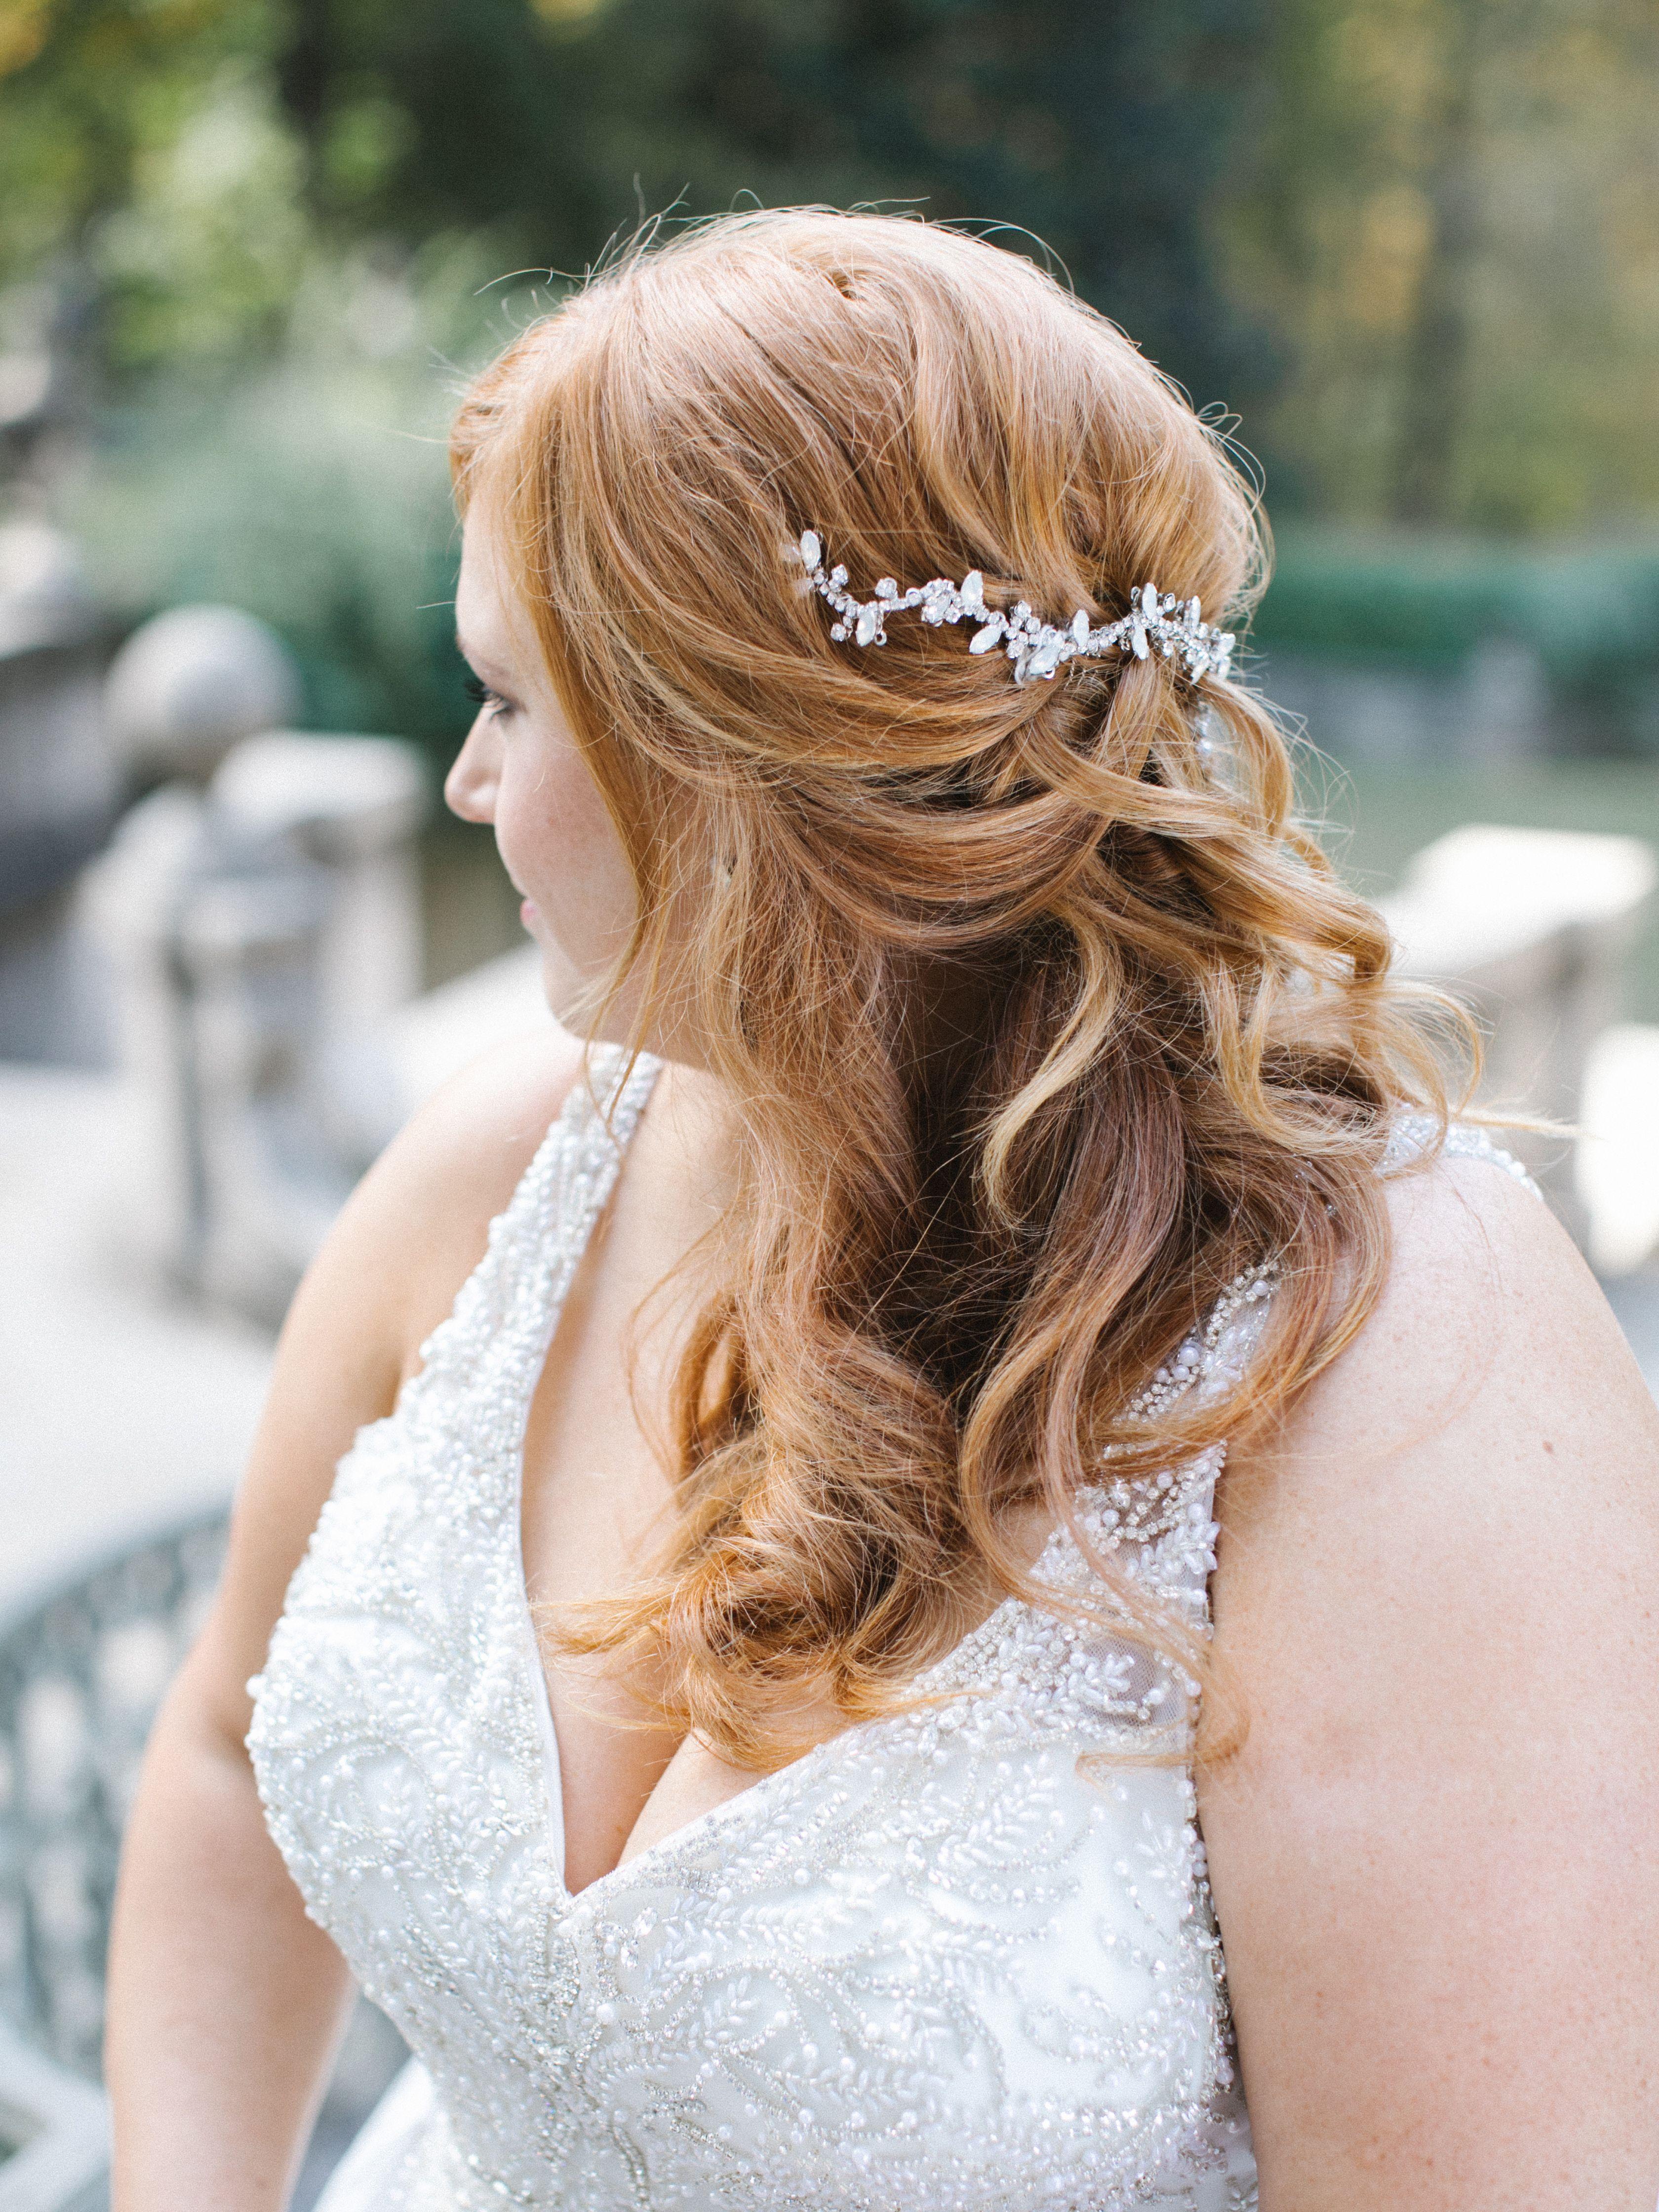 Atlanta Hair and Makeup, Atlanta Wedding Hair and Makeup